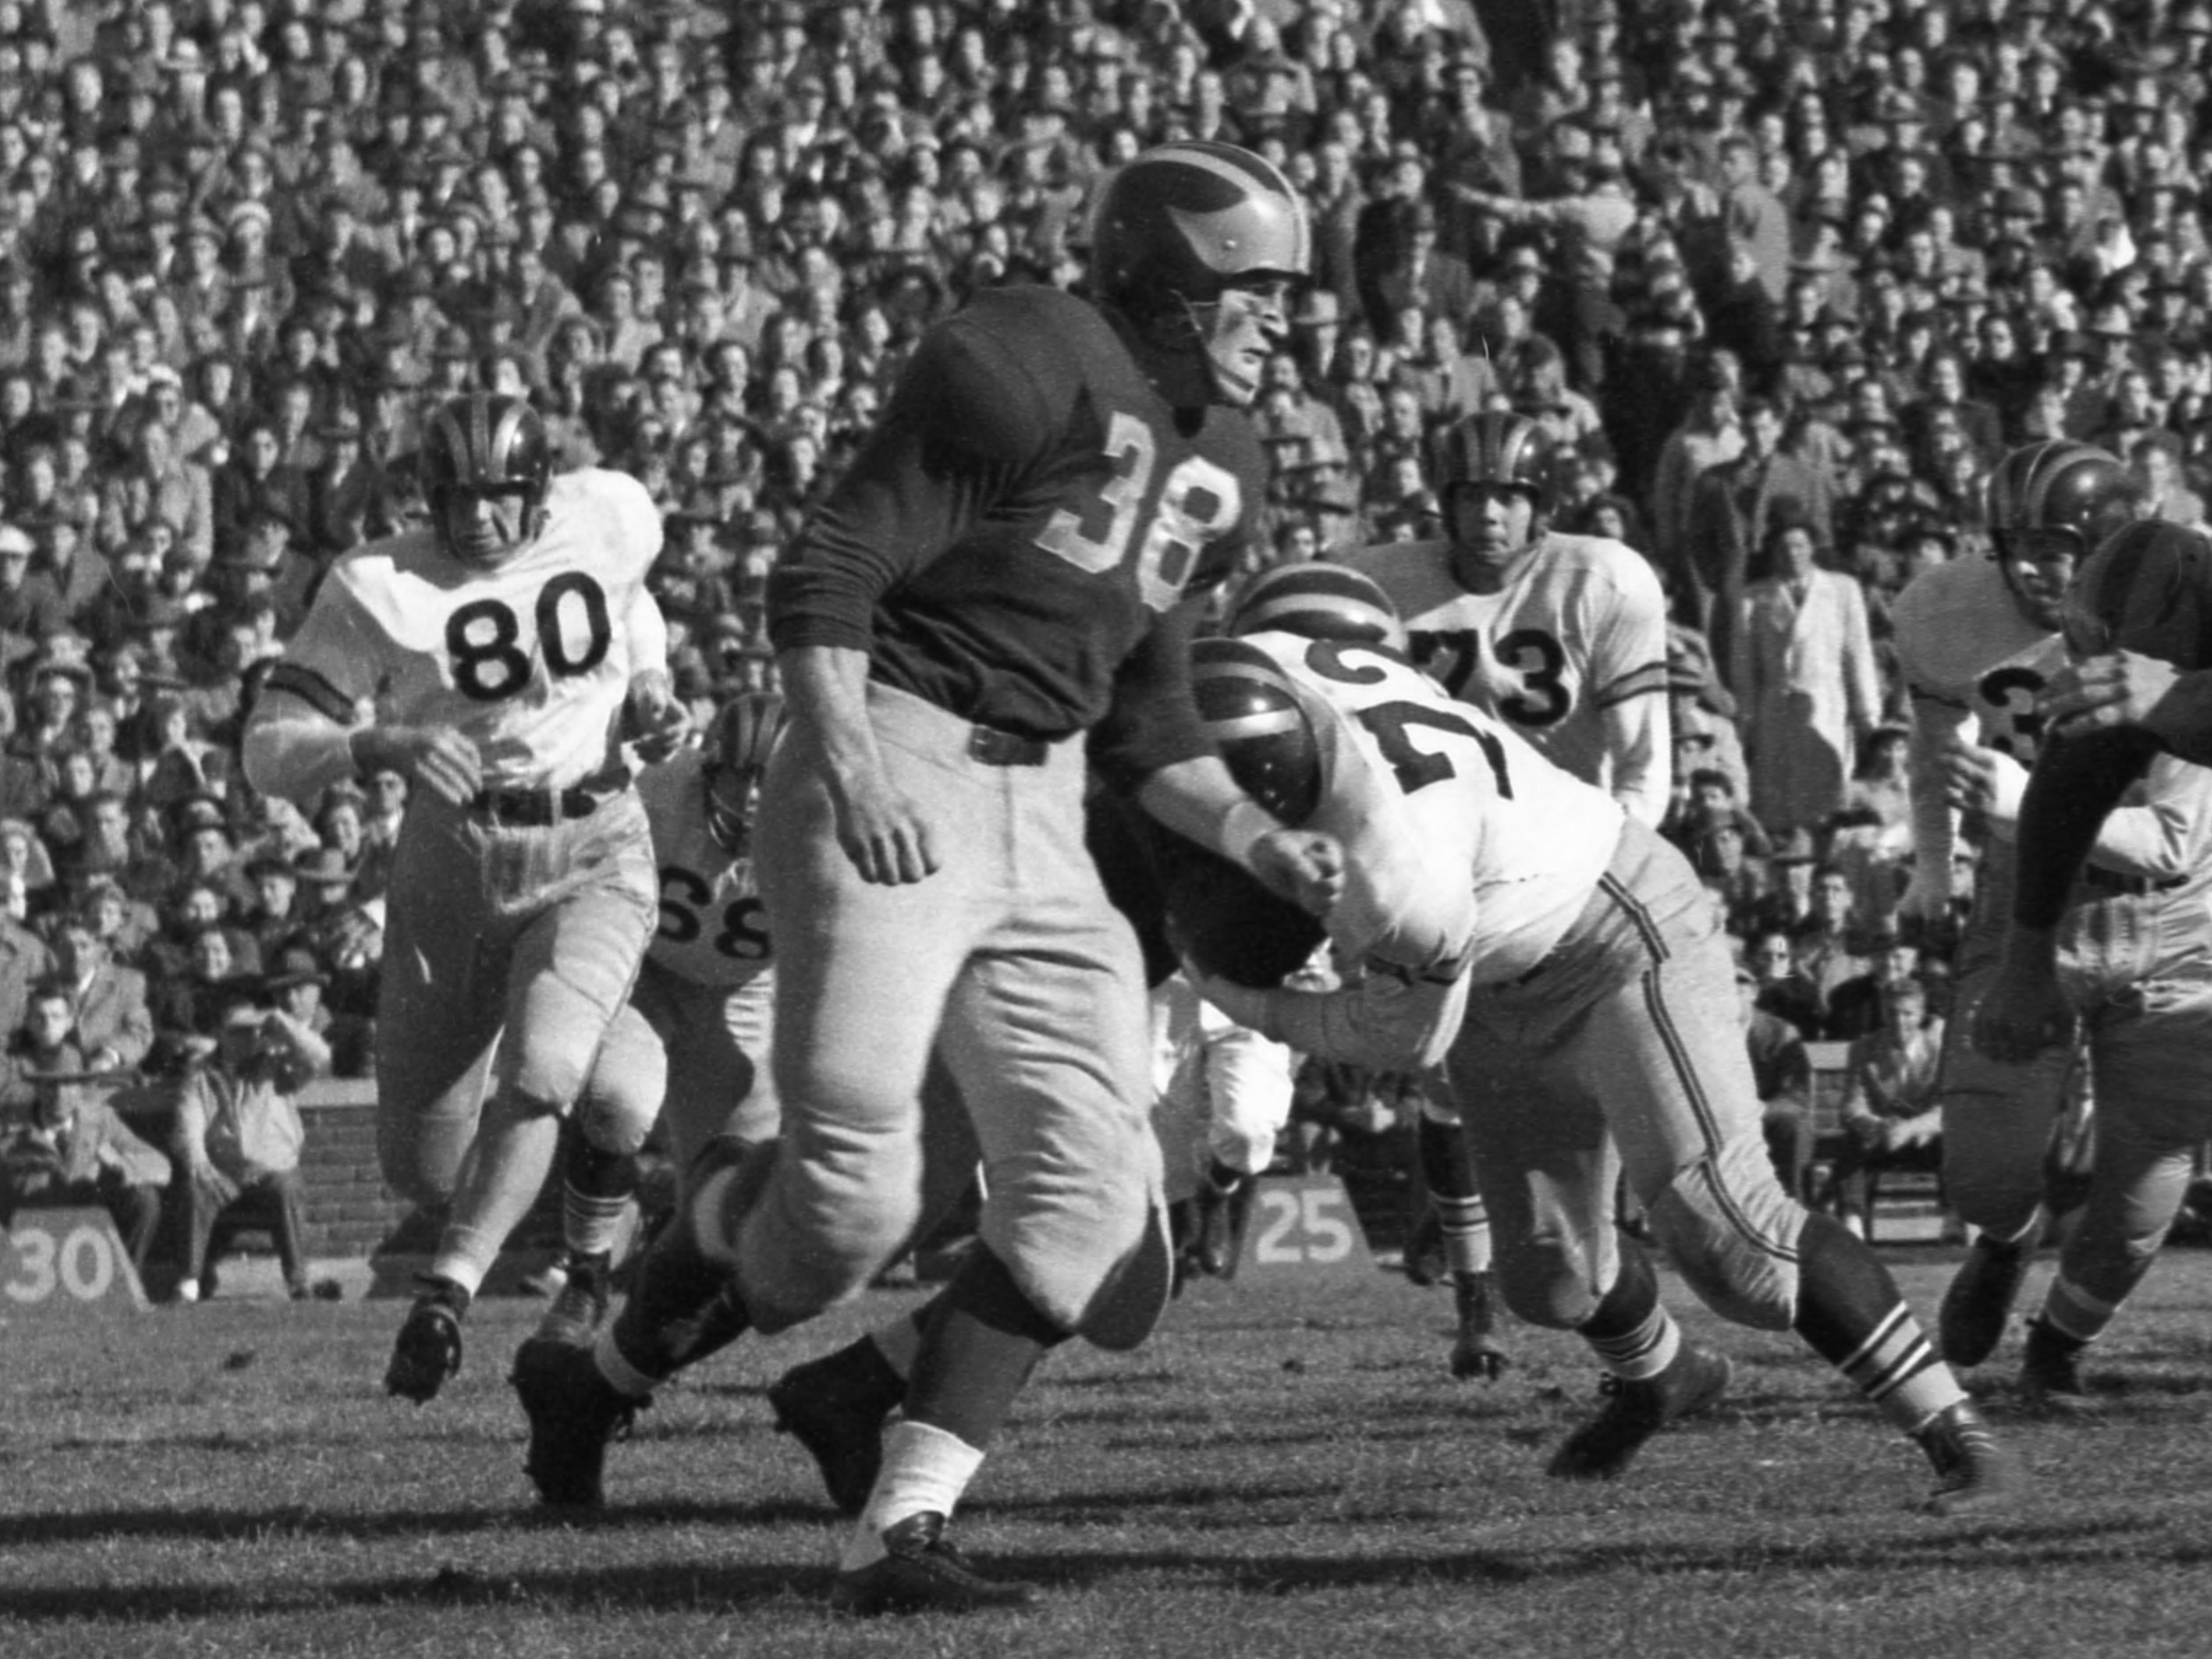 Dick Kempthorn, MVP of 1949 Michigan team and war hero, dies at 92